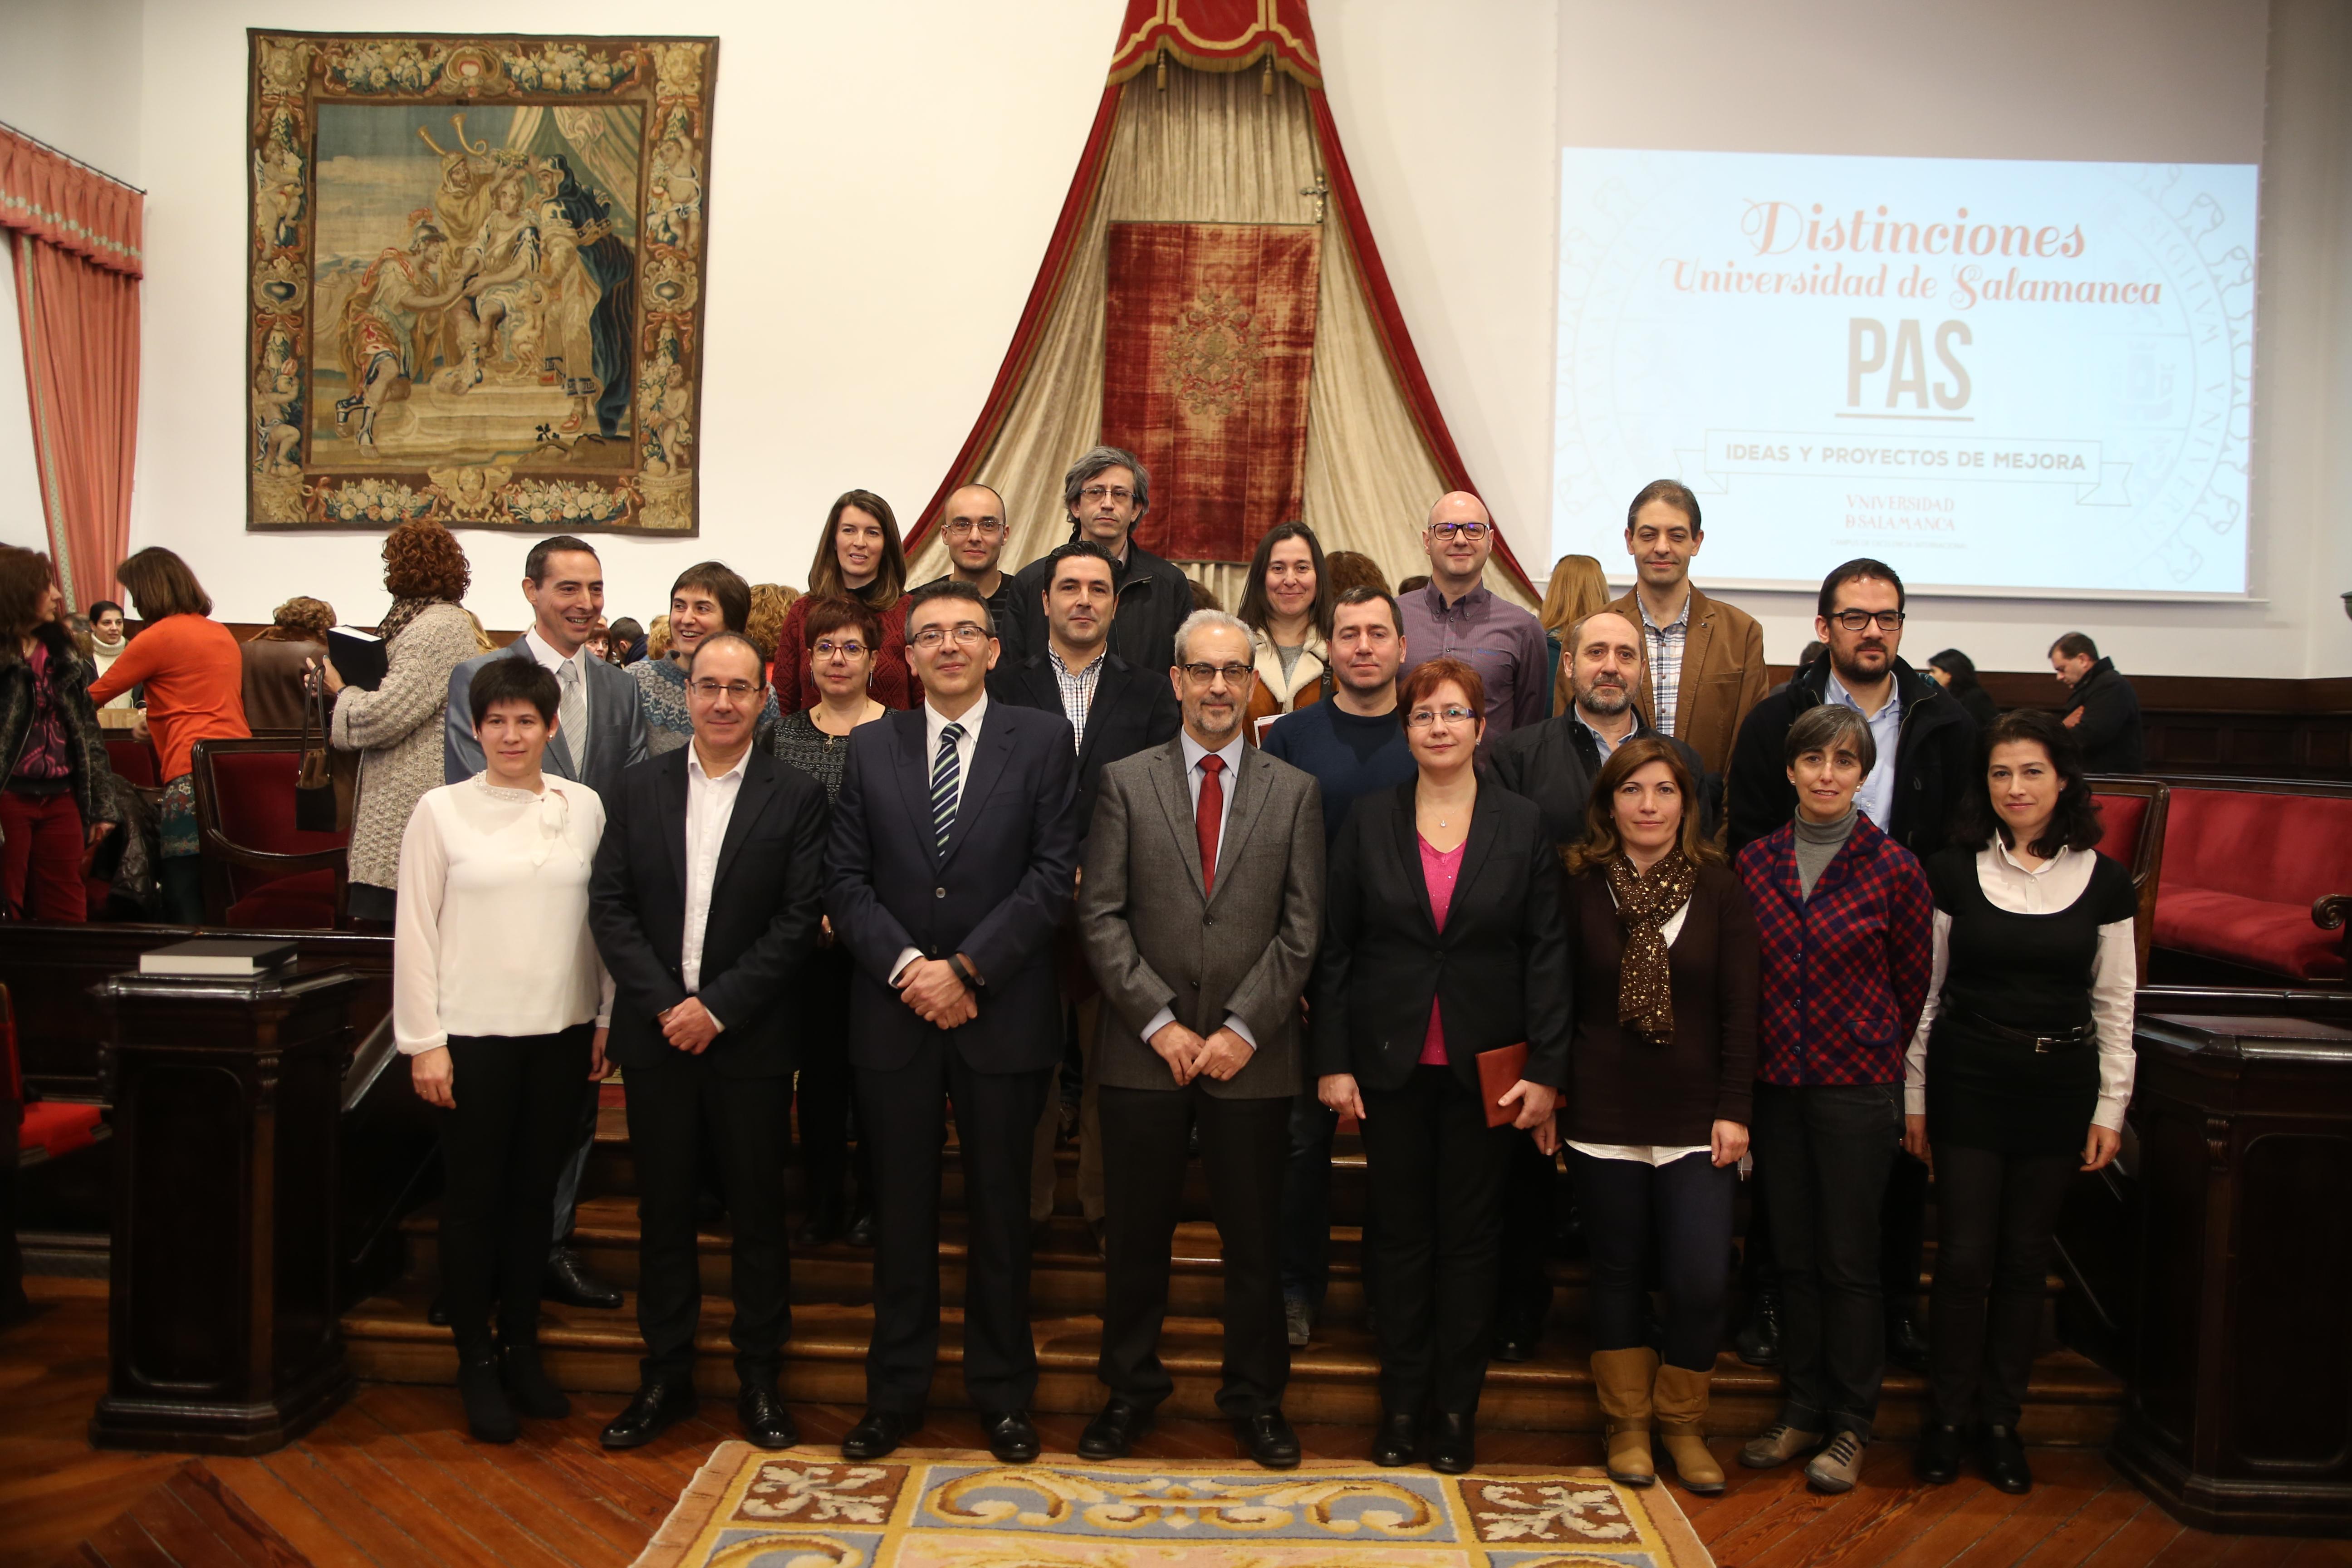 La Universidad de Salamanca entrega sus distinciones a 88 miembros del Personal de Administración y Servicios